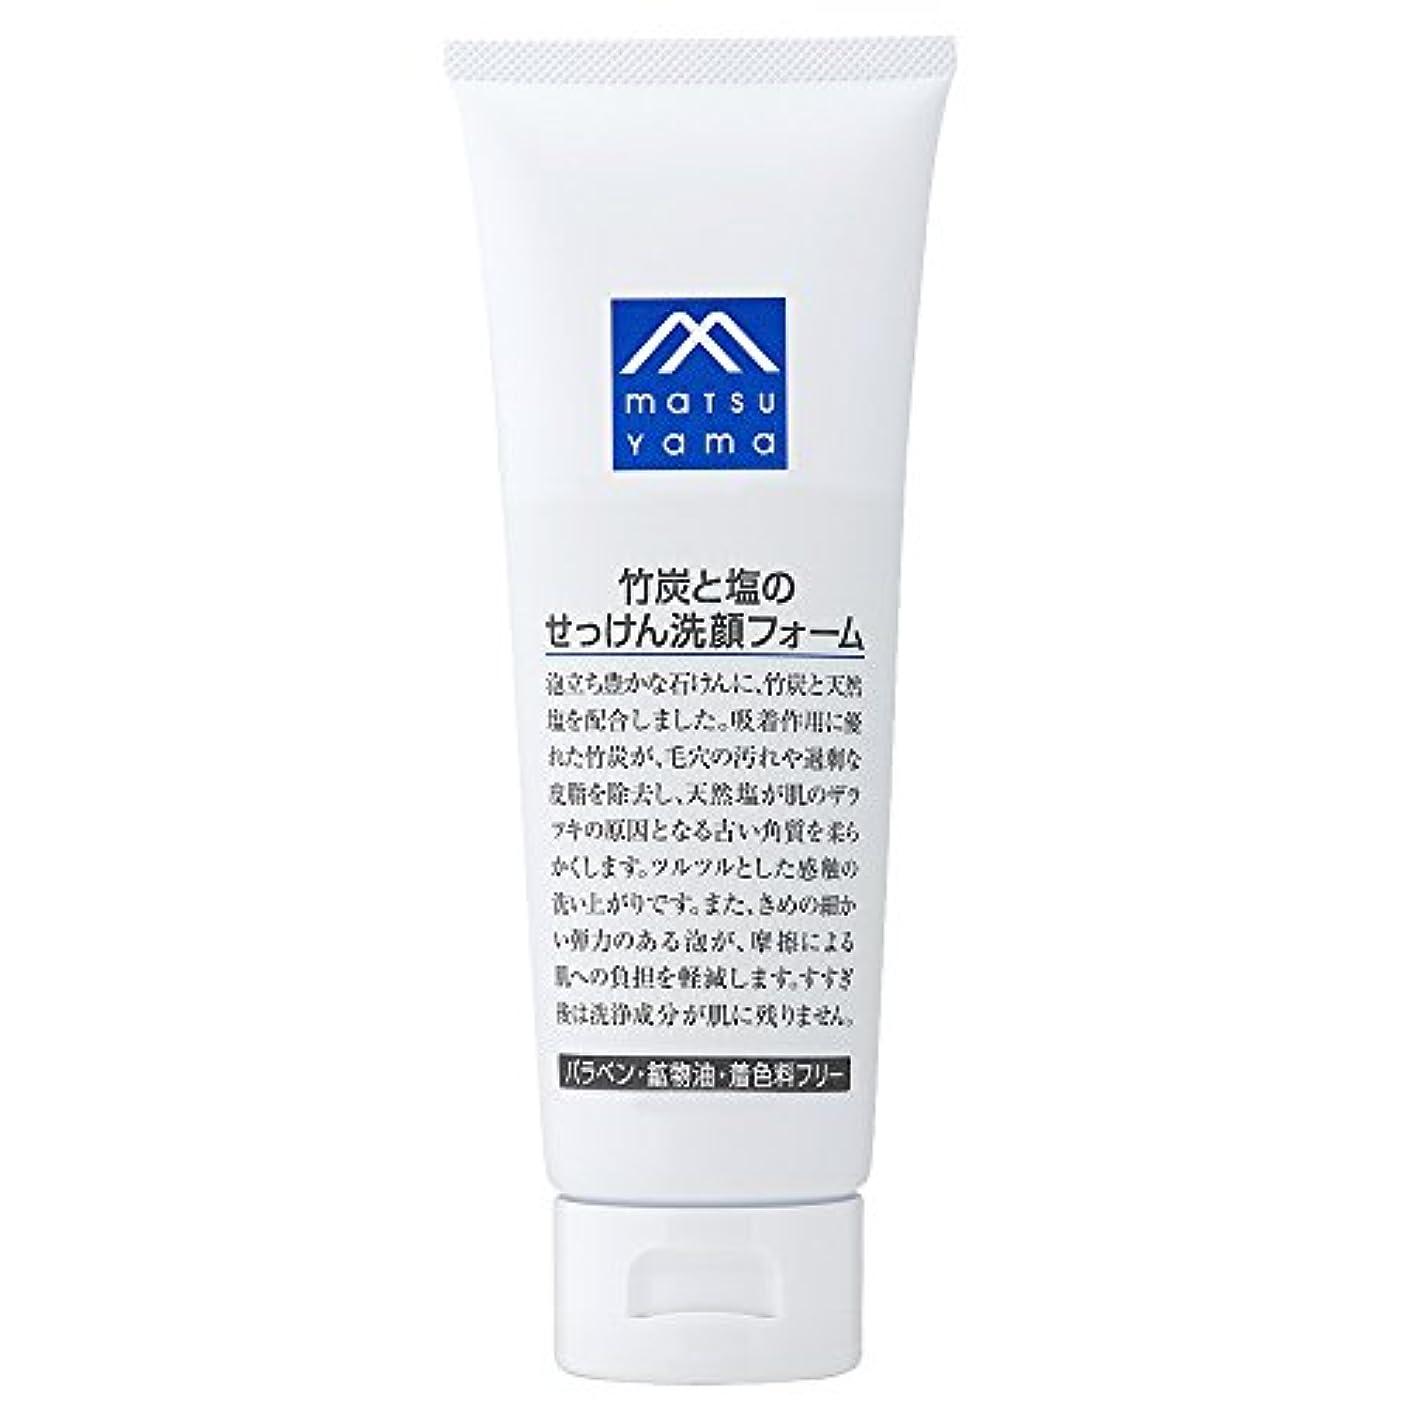 怠けた高度な定義するM-mark 竹炭と塩のせっけん洗顔フォーム